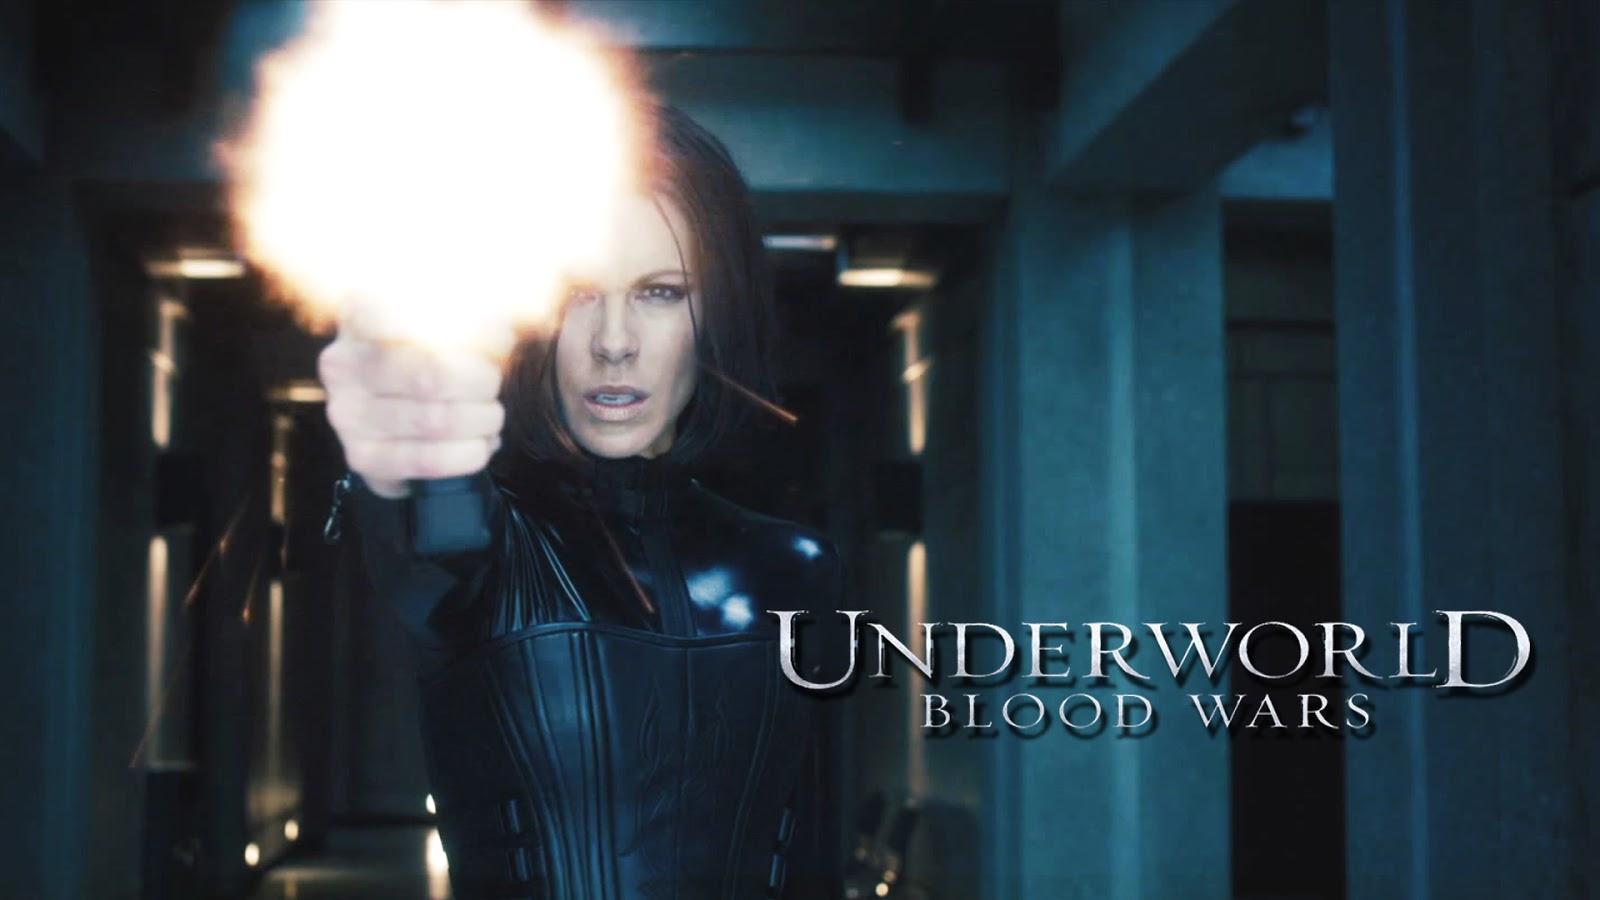 ตัวอย่างหนังใหม่ - Underworld: Blood Wars (มหาสงครามล้างพันธุ์อสูร) ซับไทย banner